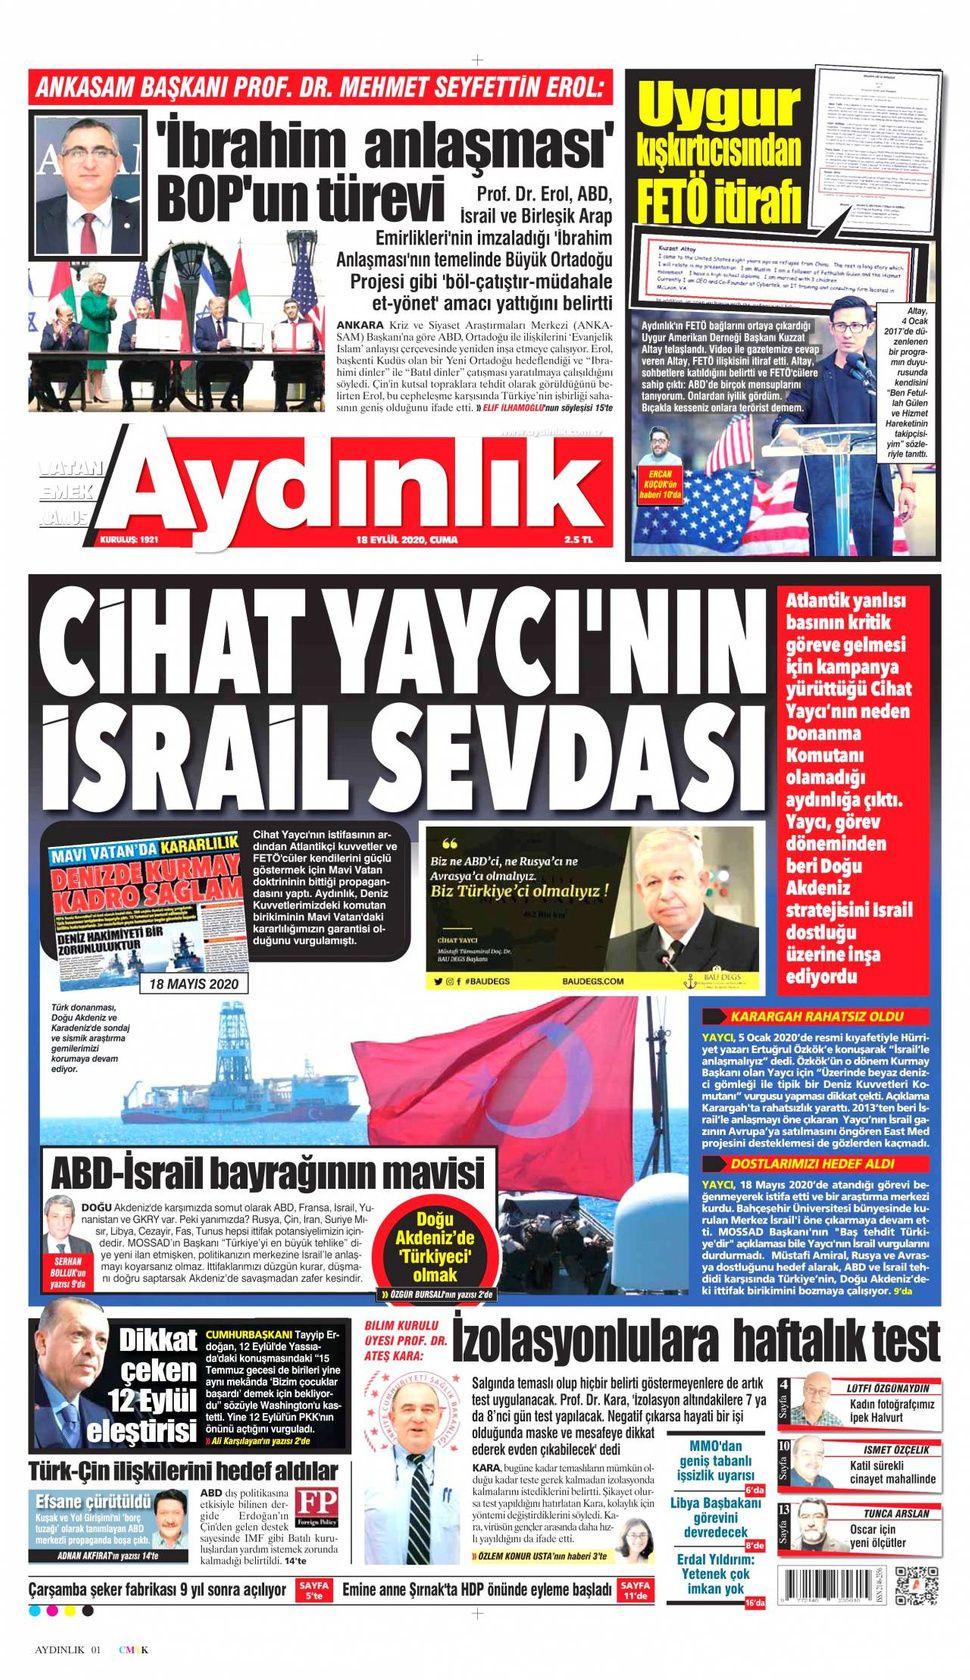 18 Eylül 2020 Cuma gazete manşetleri! - Sayfa 3